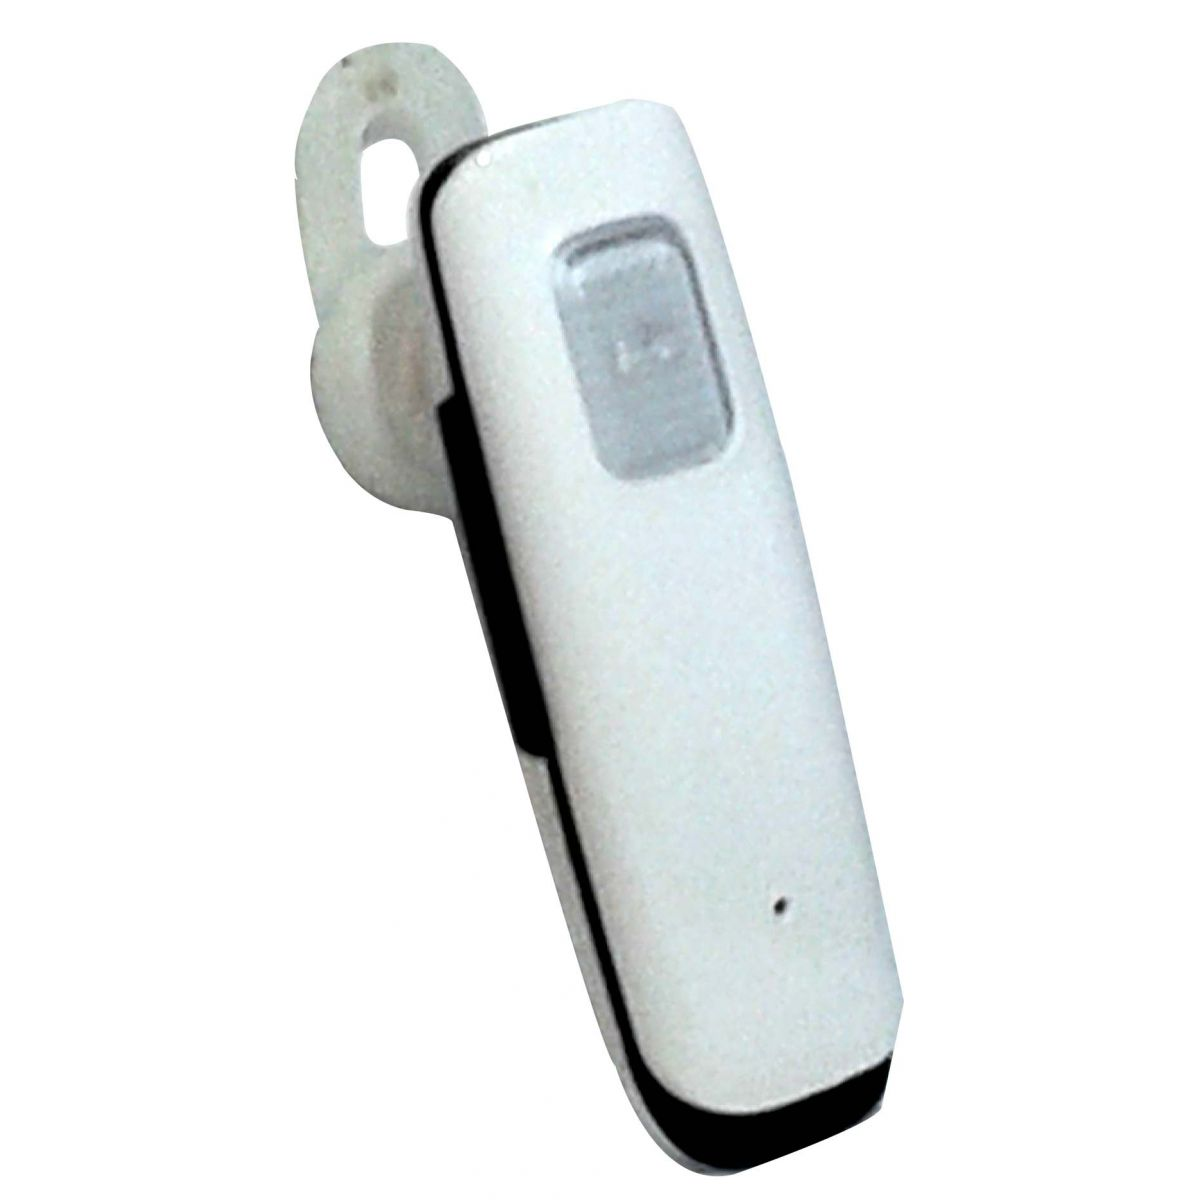 Fone de Ouvido Stéreo Via Bluetooth  - Thata Esportes